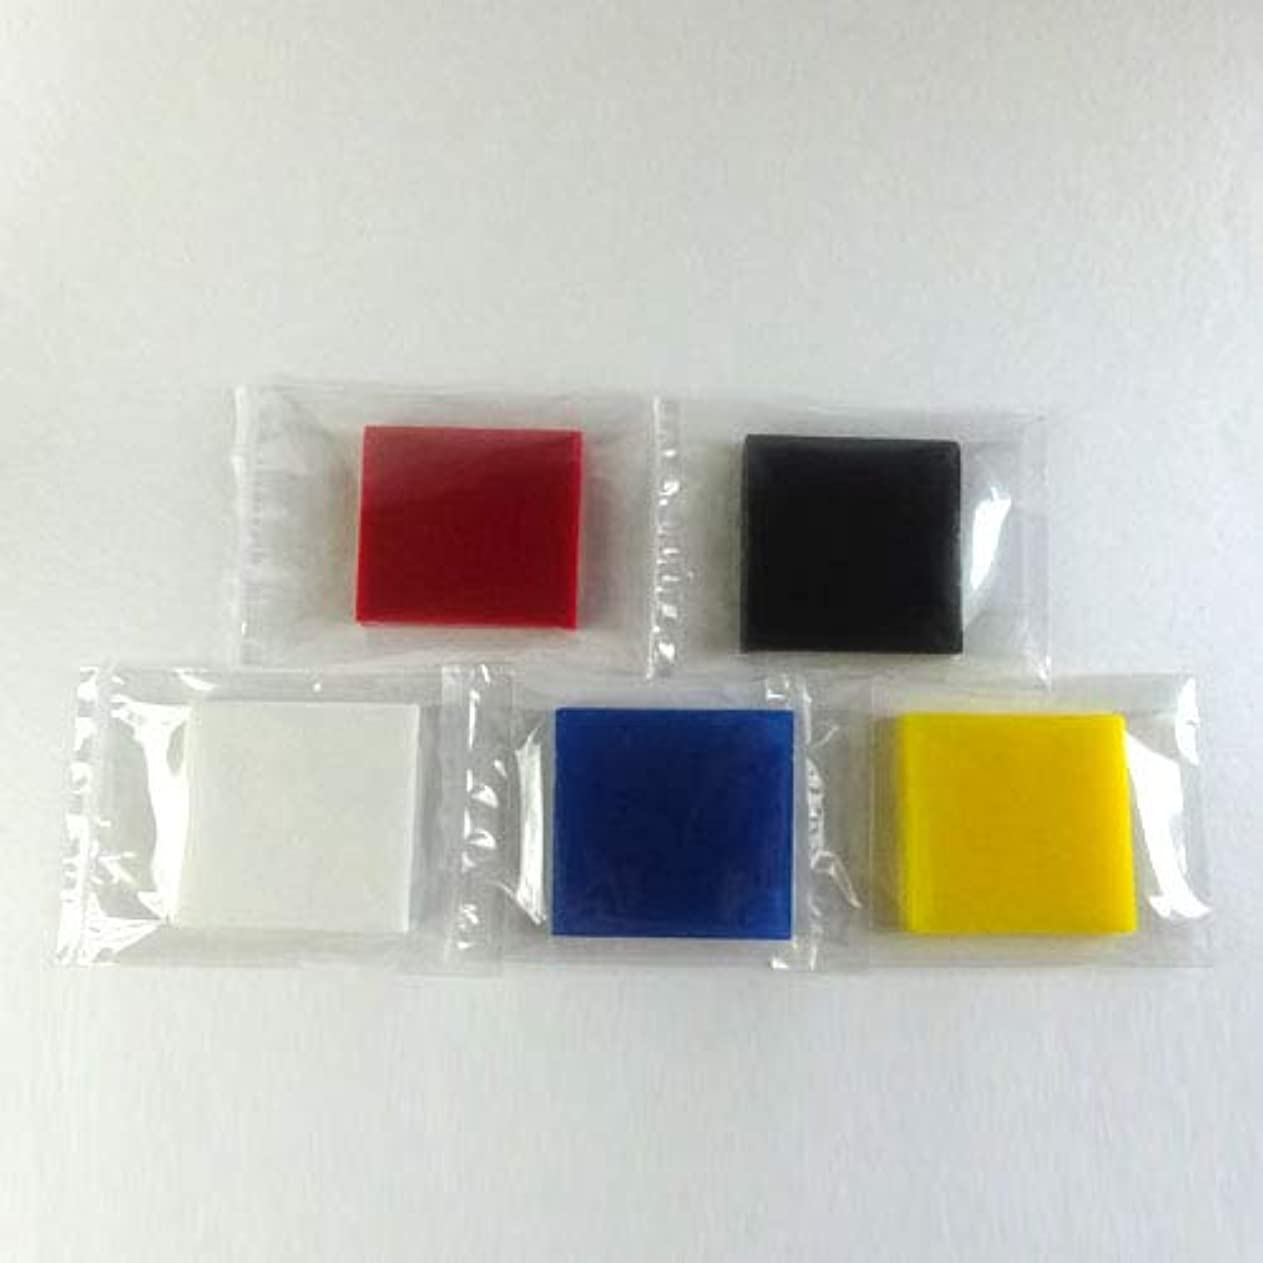 アンケートグリーンランド確立グリセリンソープ MPソープ 色チップ 5色(赤?青?黄?白?黒) 各30g